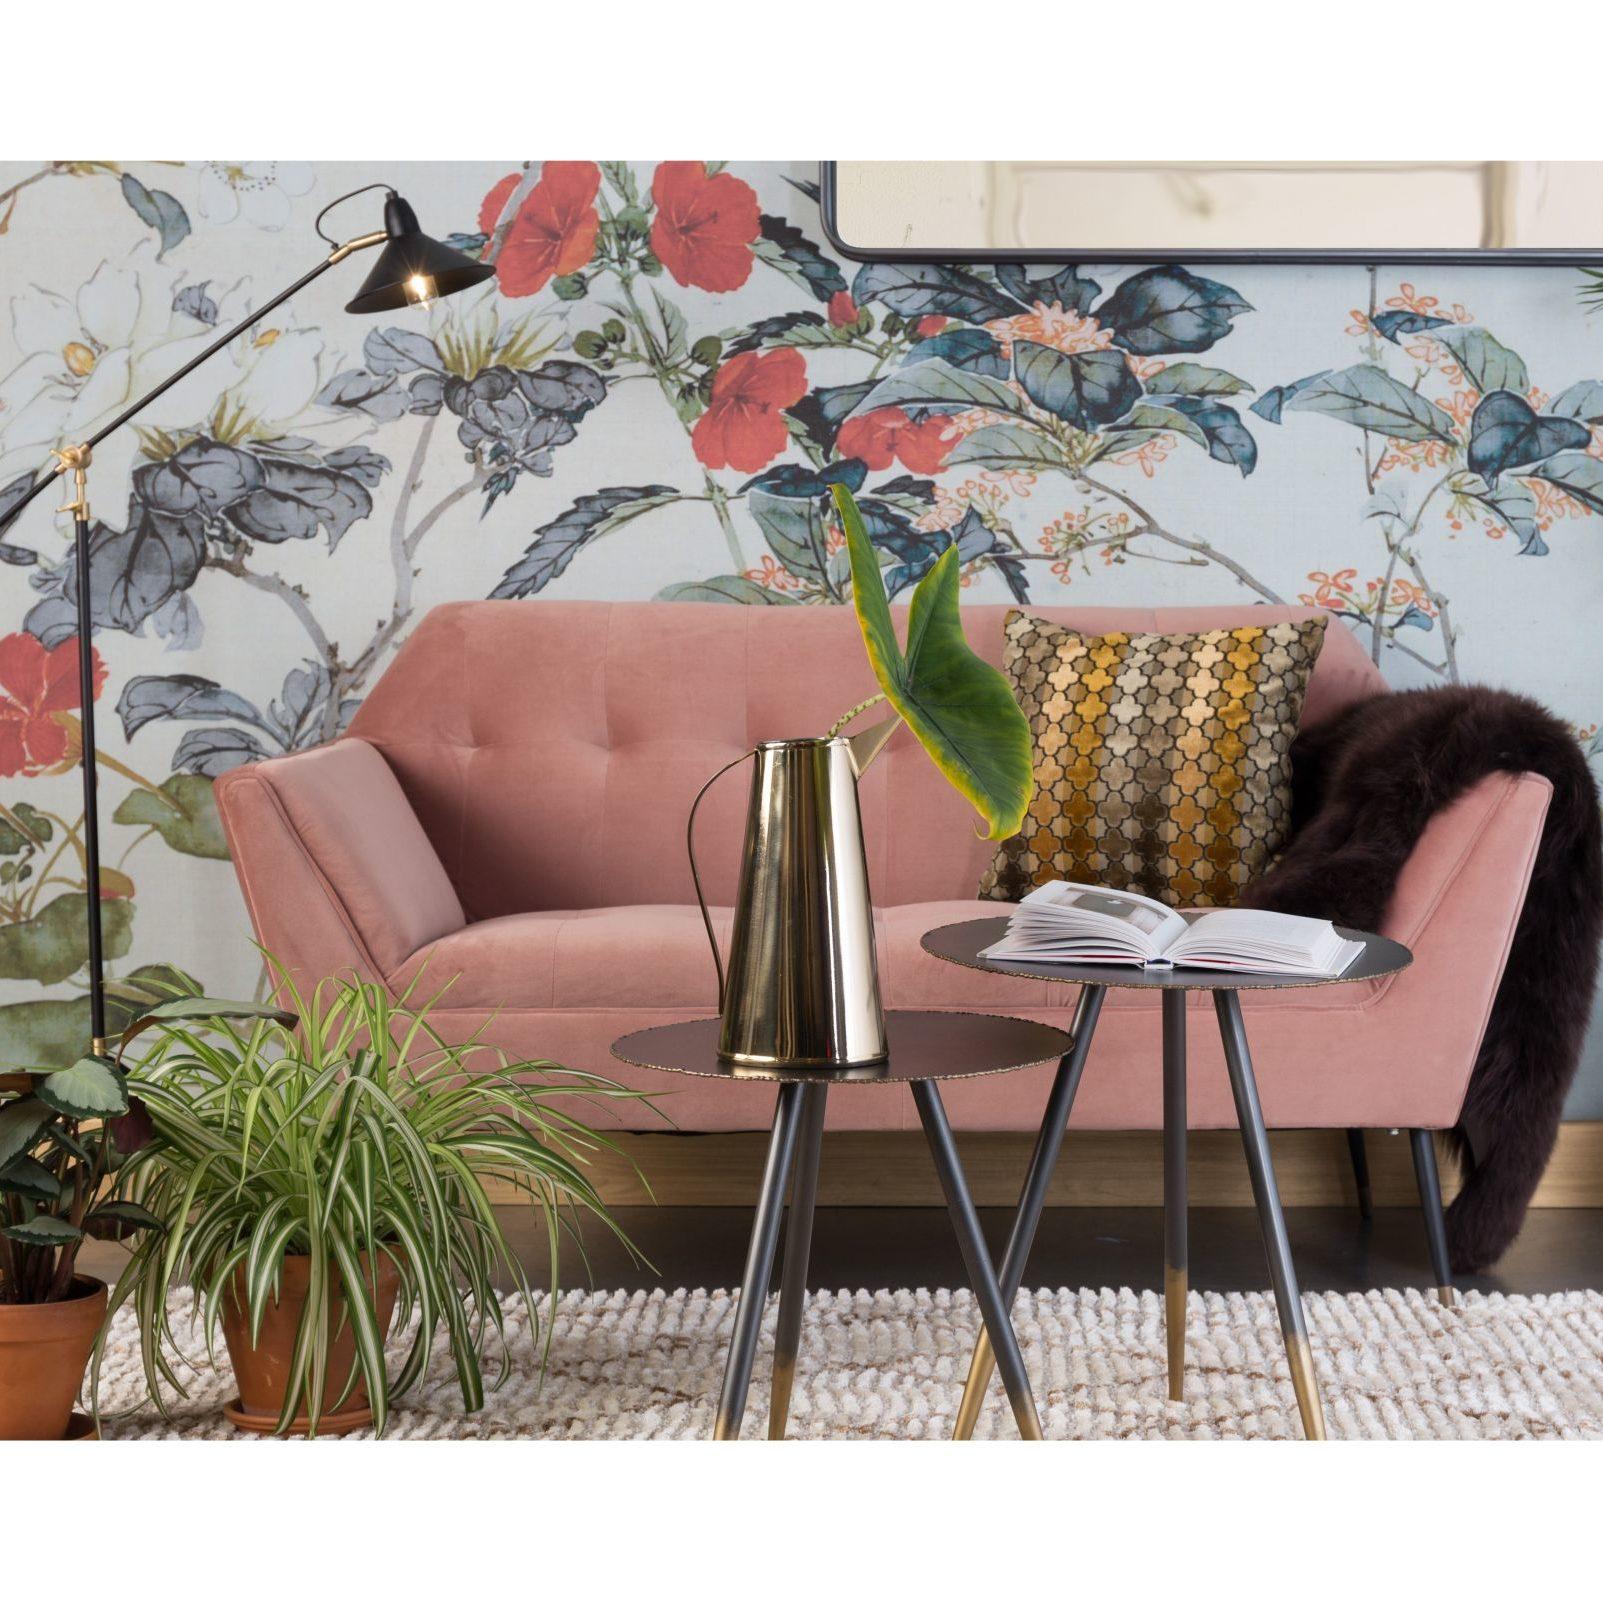 Sofa Kate firmy Dutchbone, tapicerowana tkaniną aksamitną. Wymiary 148,5x78x80 cm, cena 4 299 zł. Zestaw dwóch stolików Stalwart Dutchbone, (średnica 40,44) ze złotym wykończeniem, cena 899 zł. Lampa podłogowa Patt Dutchbone w cenie 949 zł. www.dutchhouse.pl